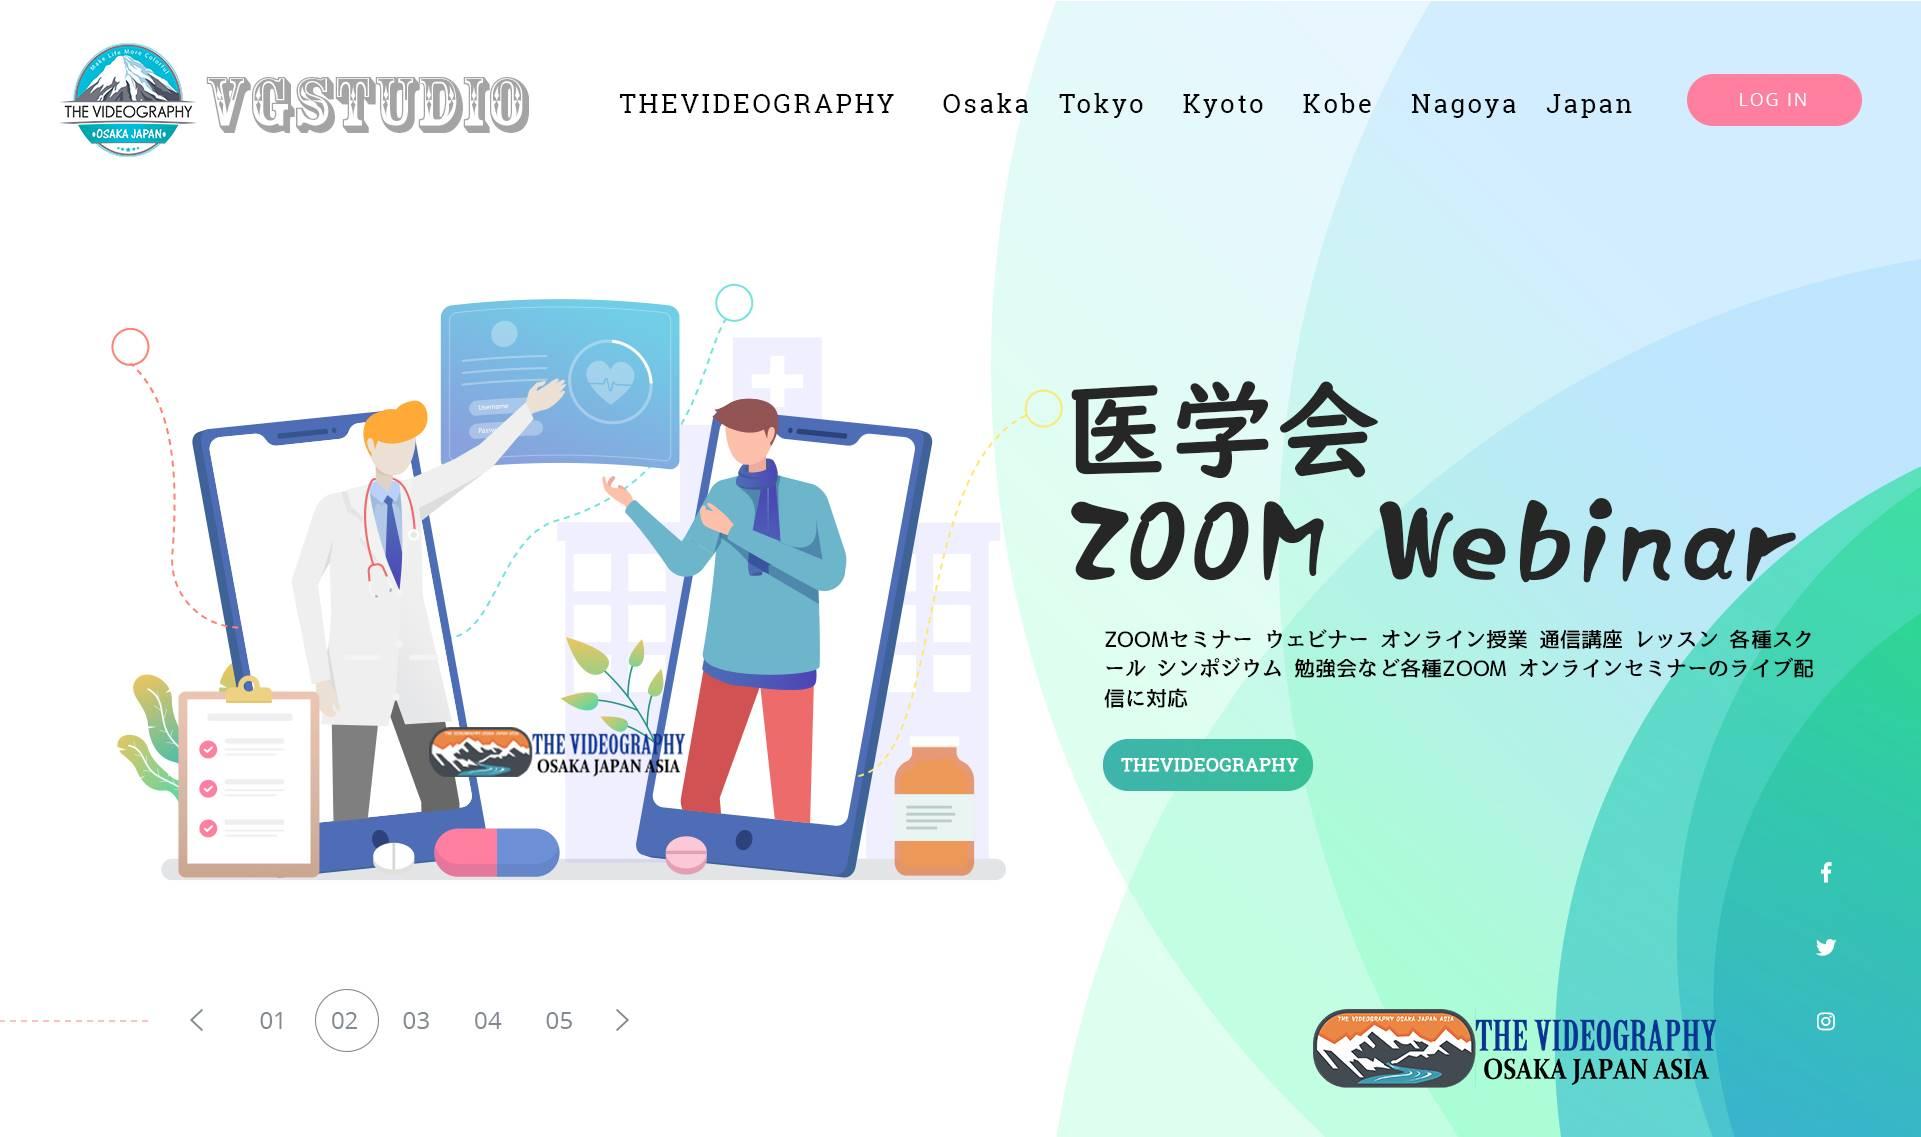 京都市の医学会 ZOOM ウェビナーの配信アシストを担当・ZOOM Webinar on ATEM Mini Pro